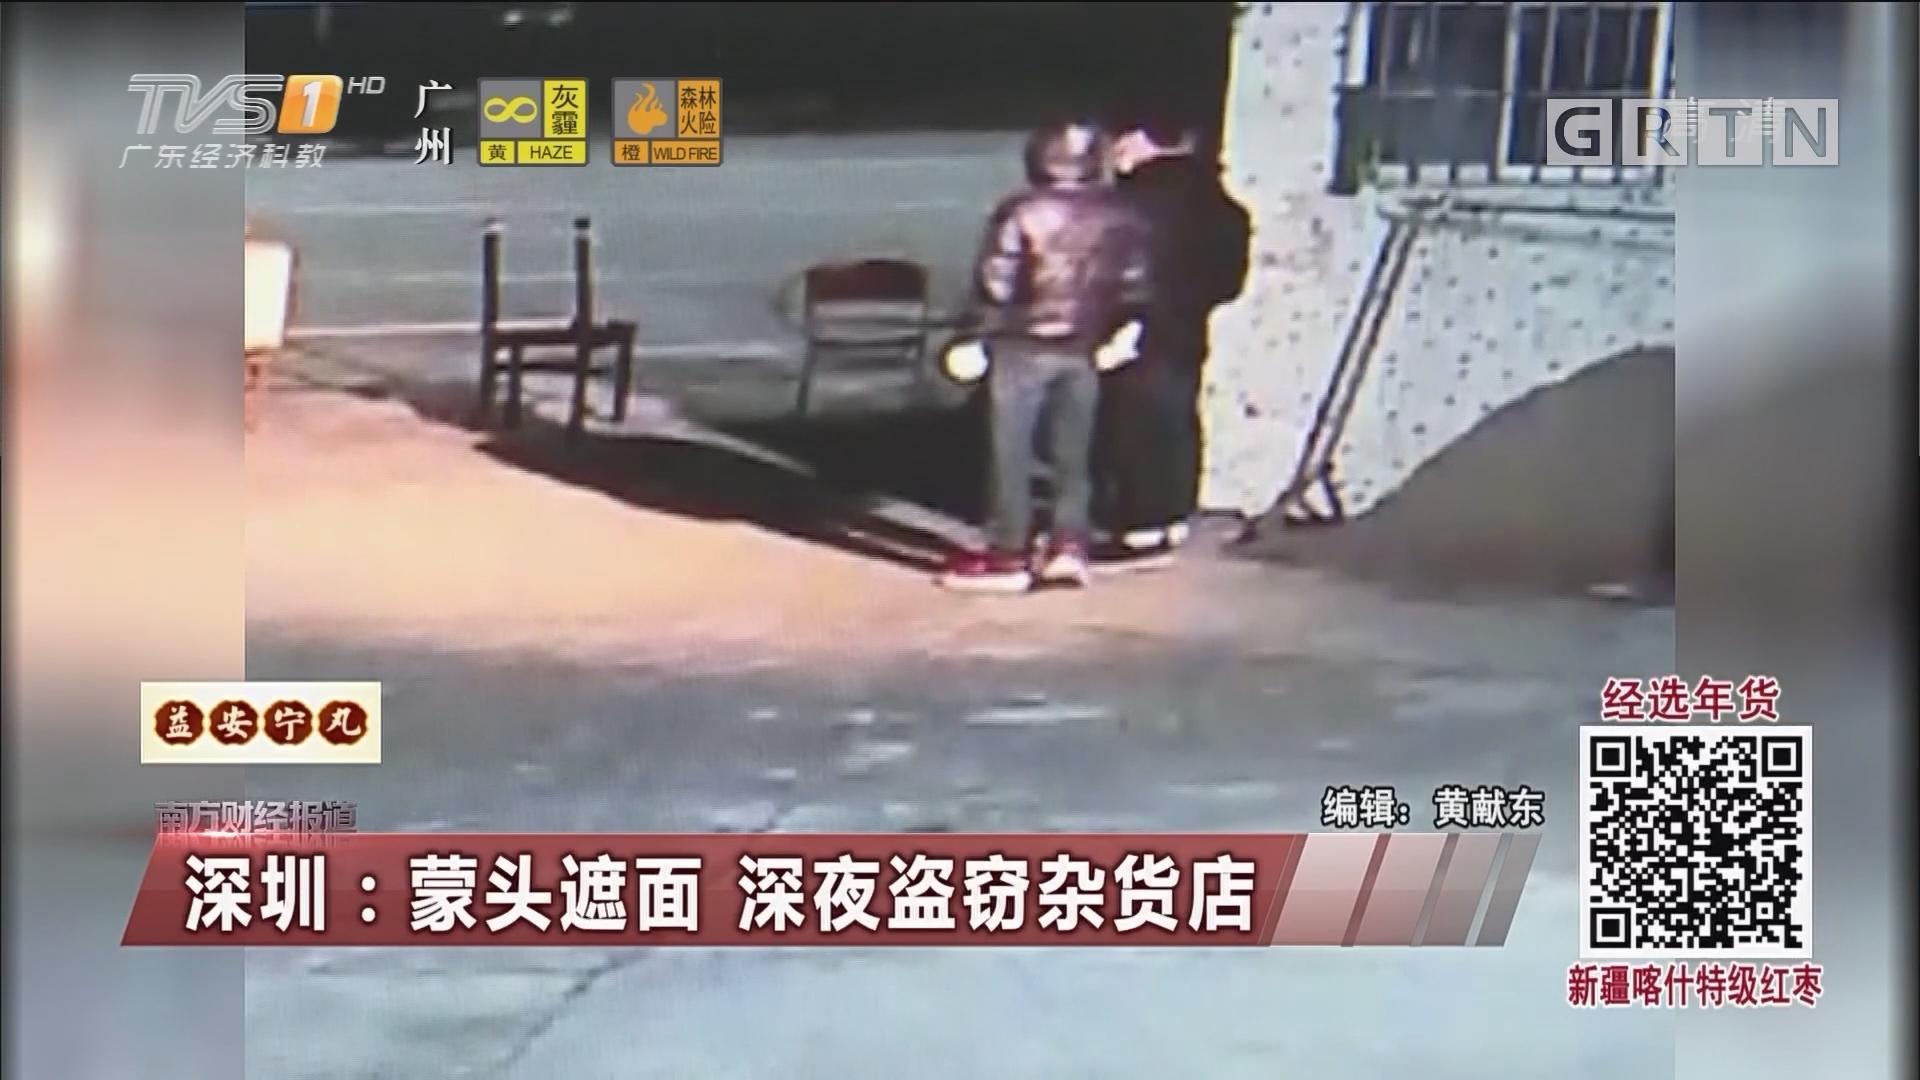 深圳:蒙头遮面 深夜盗窃杂货店